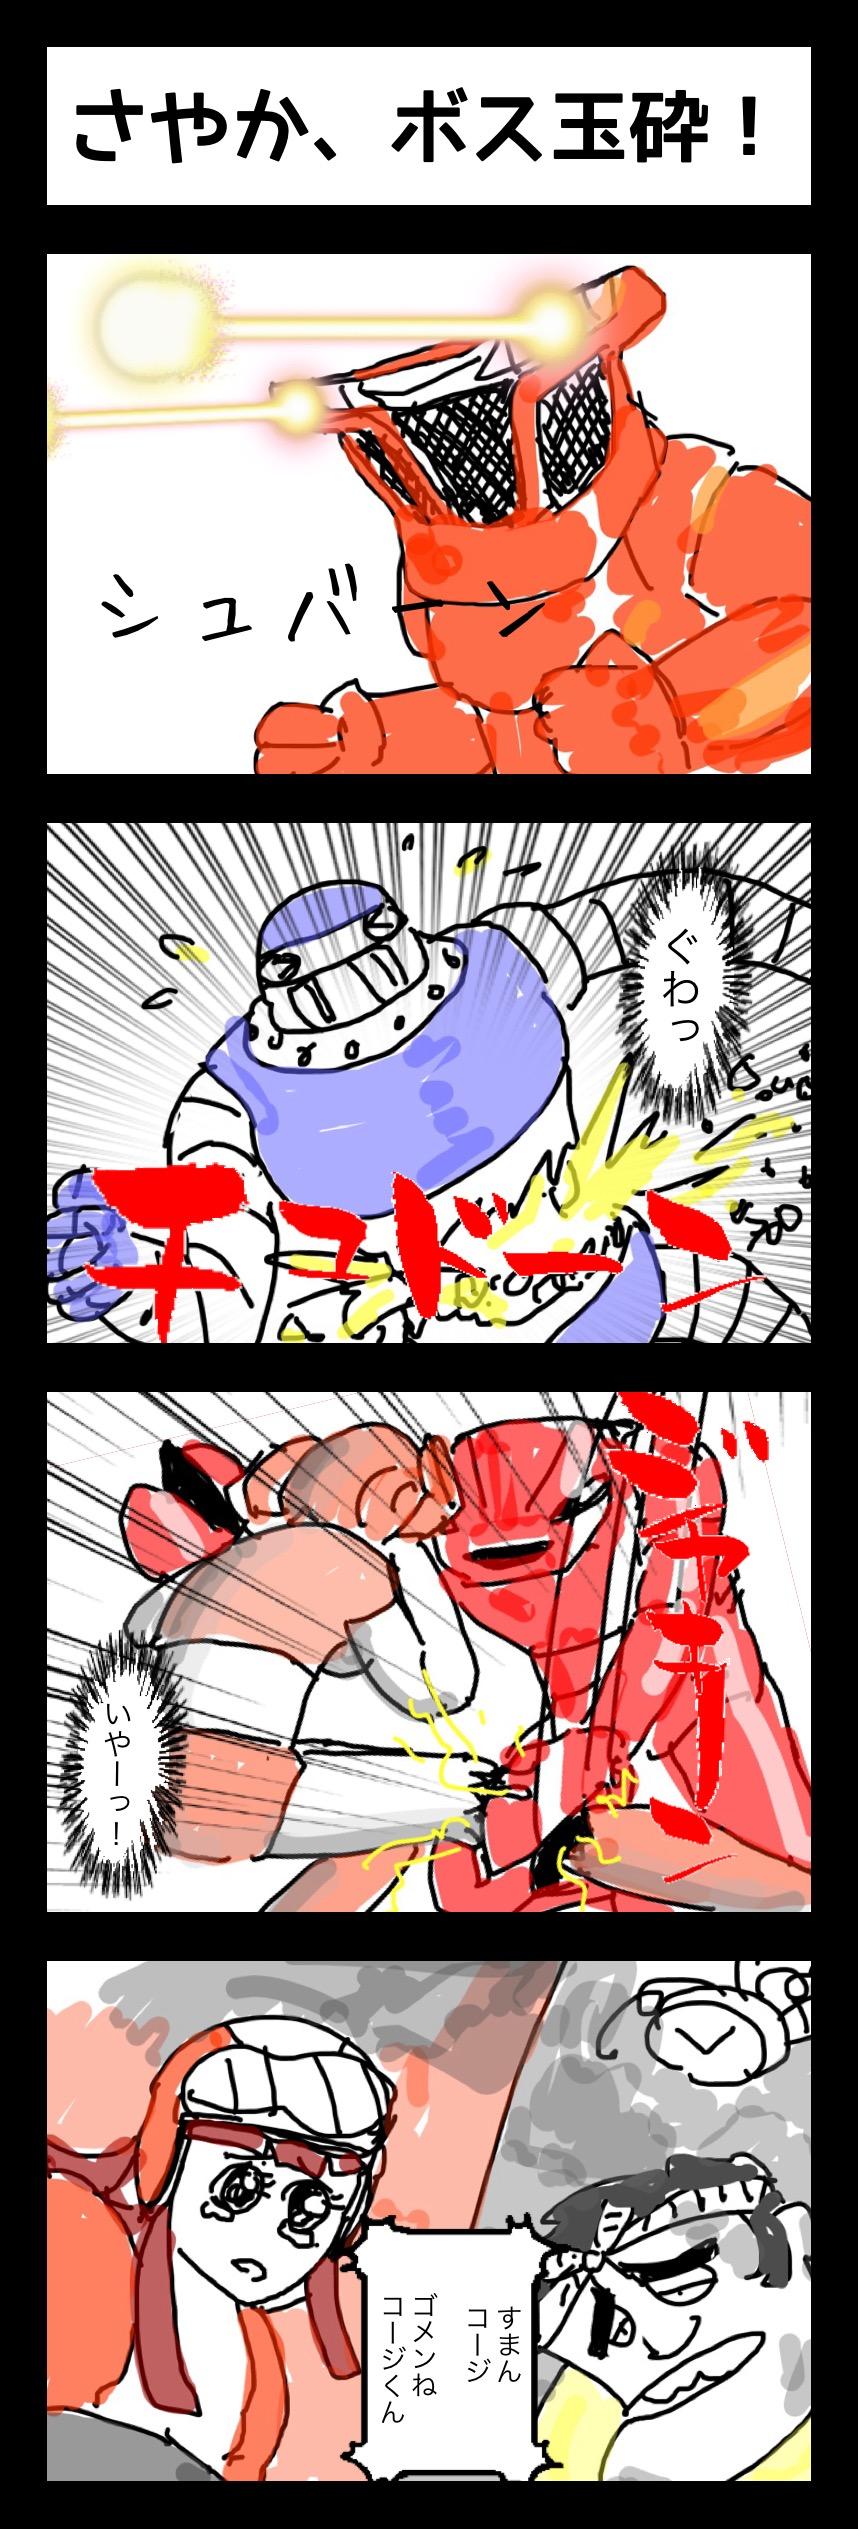 連載4コマ漫画アトランダーV 第44話